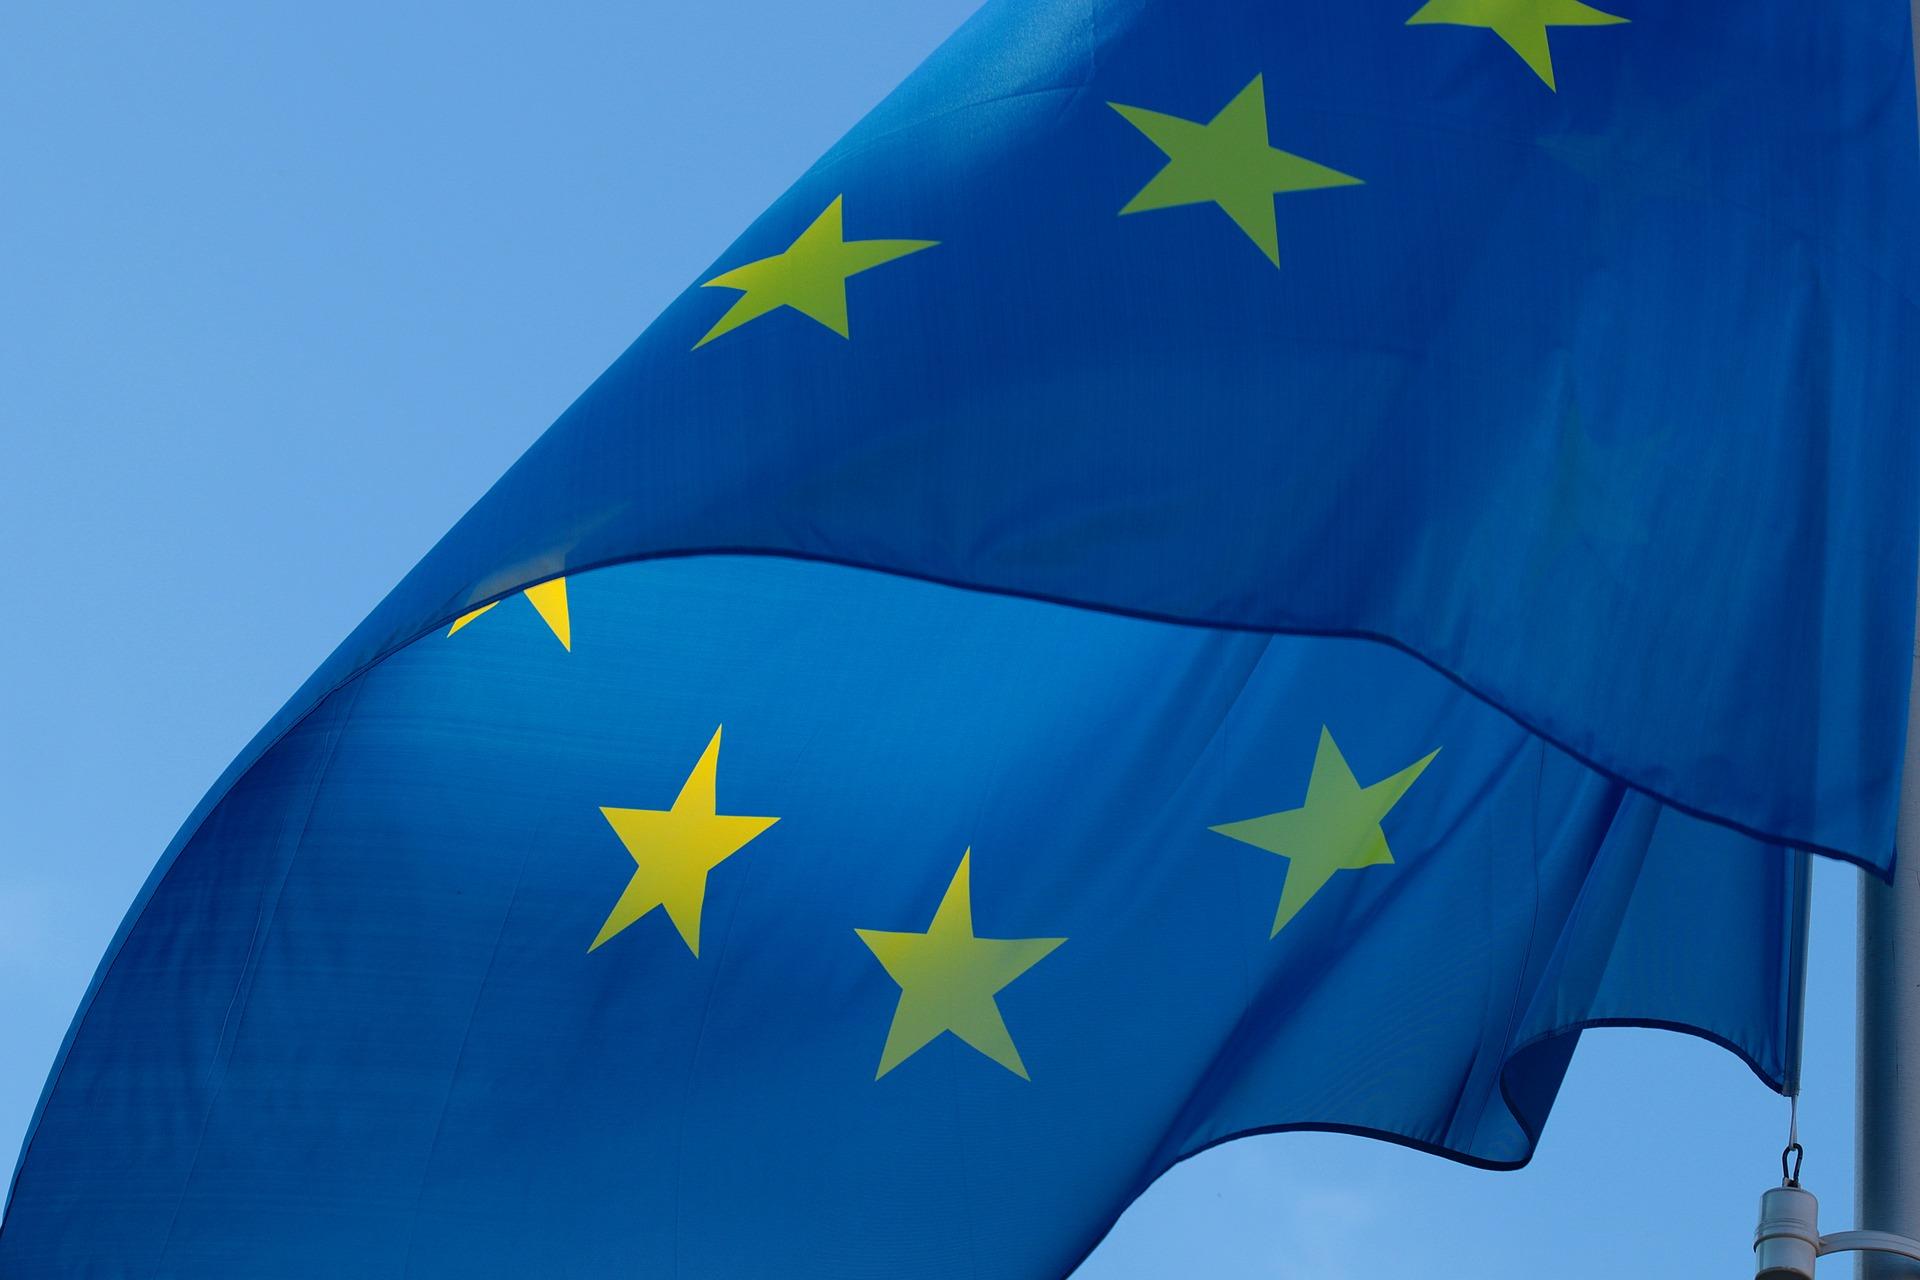 Srbija mora ponovno razmisliti, ponovno določiti in ponovno začeti program pristopa k EU